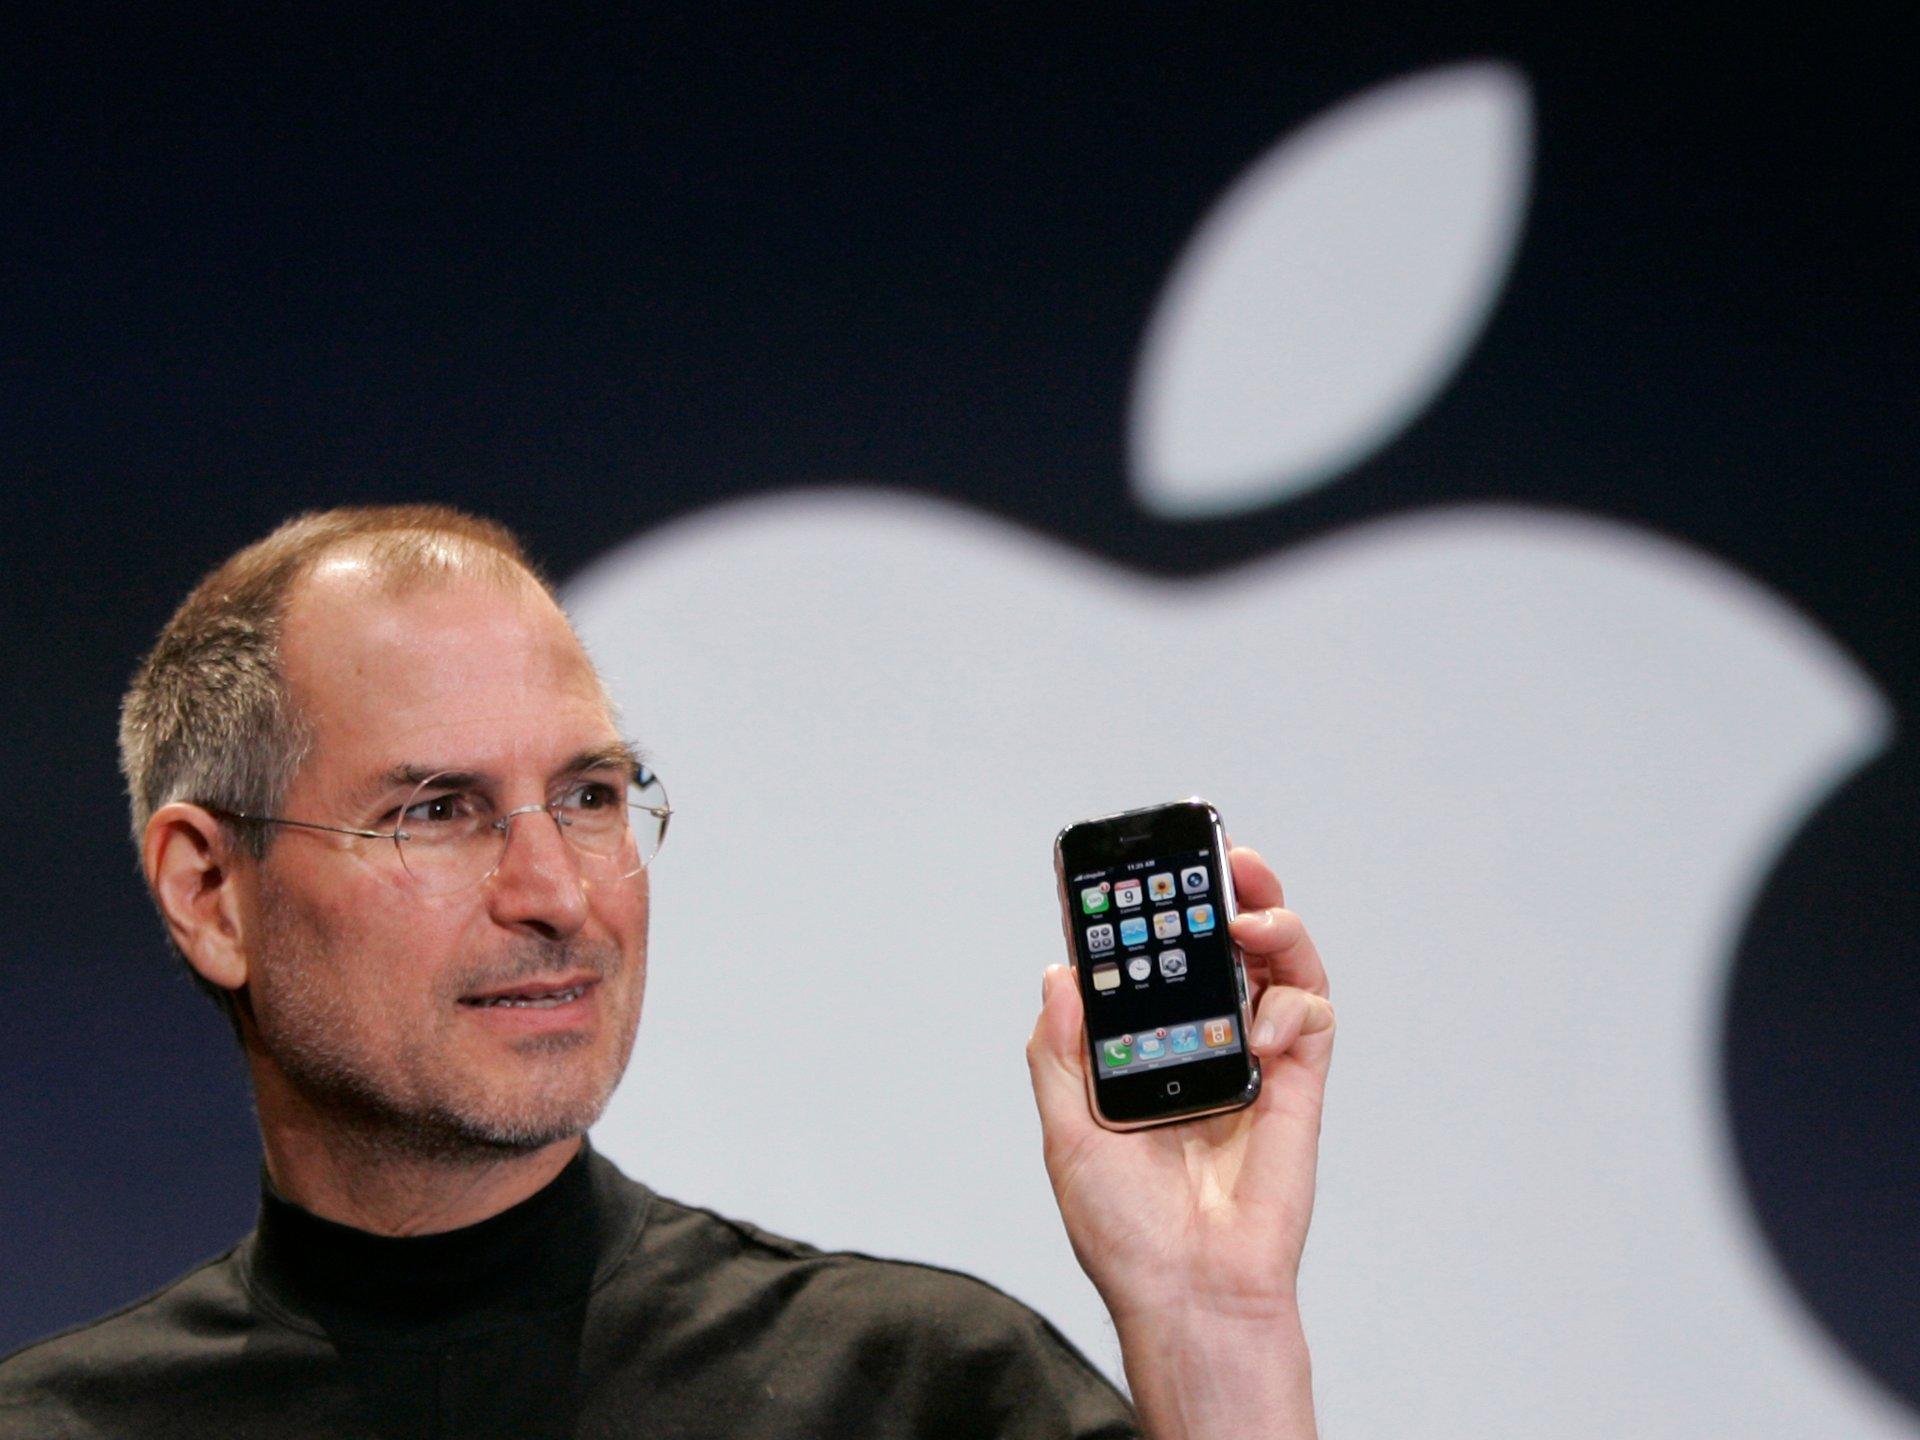 Nhìn lại những lần ra mắt ấn tượng của iPhone - Ảnh 3.